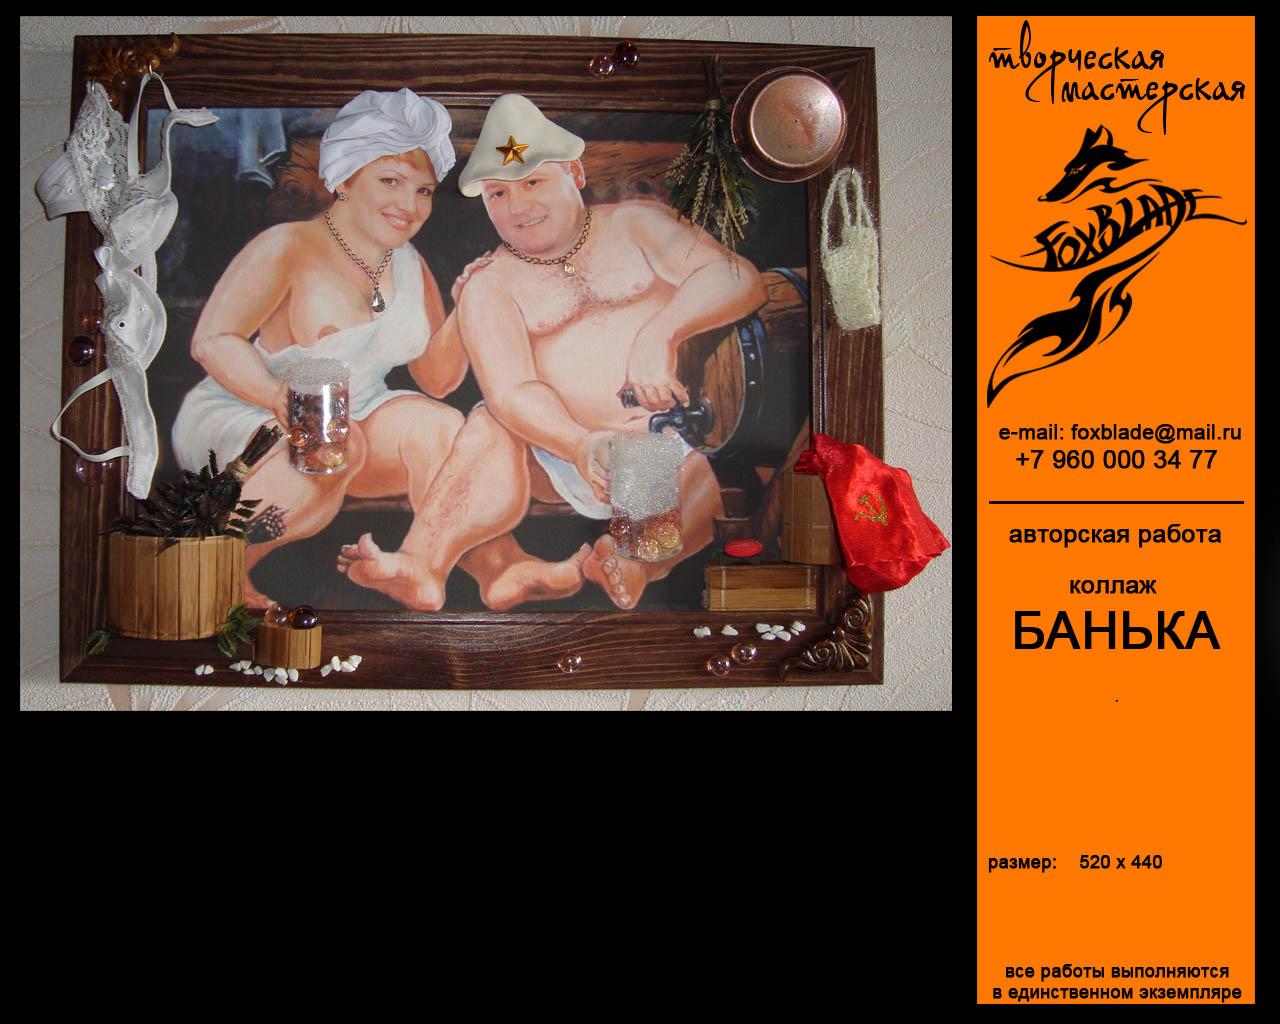 Авторские работы в Северодвинске - 03big 6